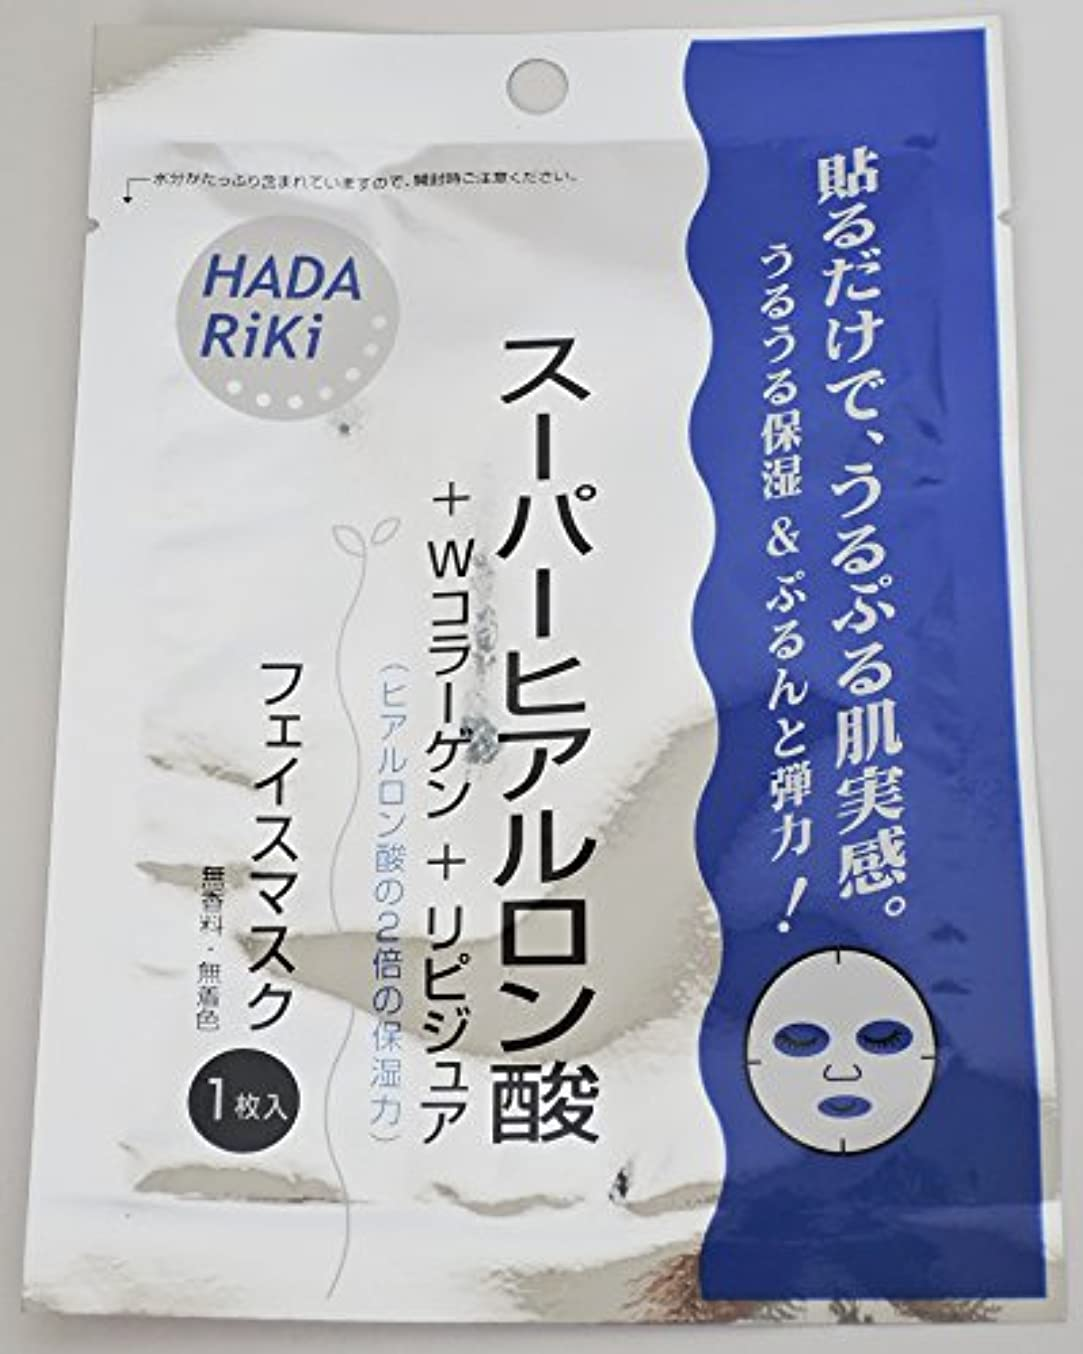 きゅうりのために巨人HADA RiKi スーパーヒアルロン酸+Wコラーゲン+リピジュア フェイスマスク 20ml